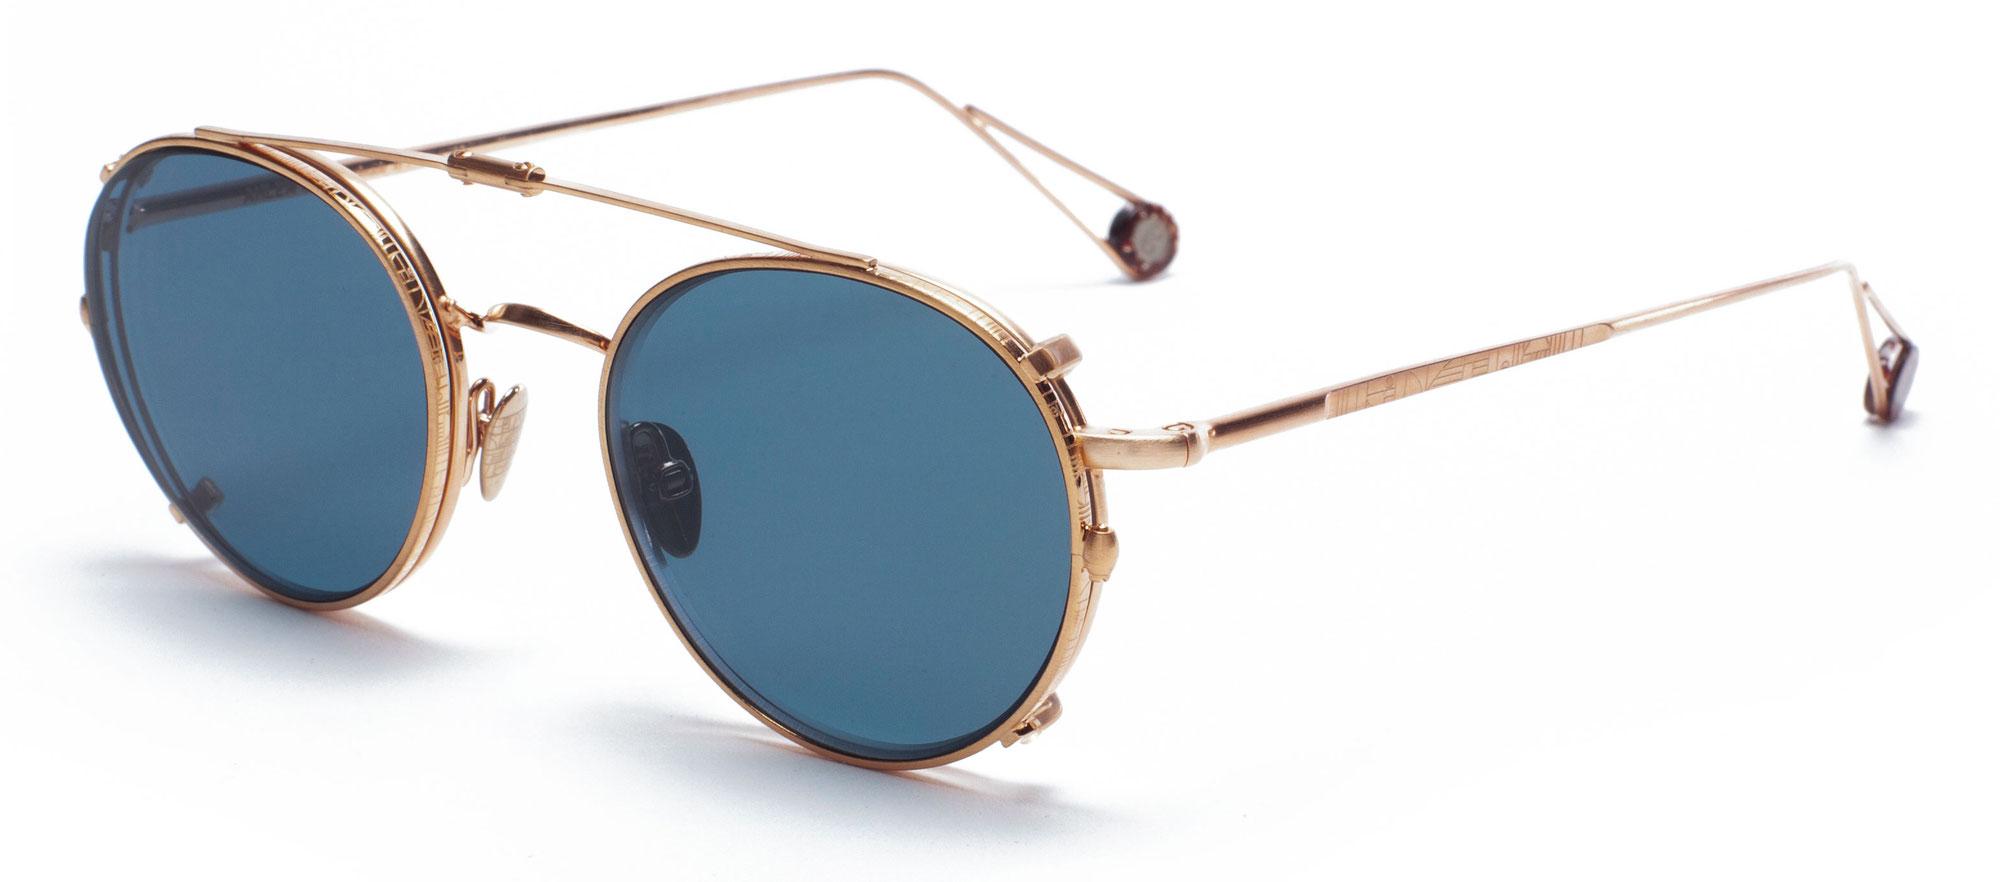 AHLEM Feinste Brillen aus Paris